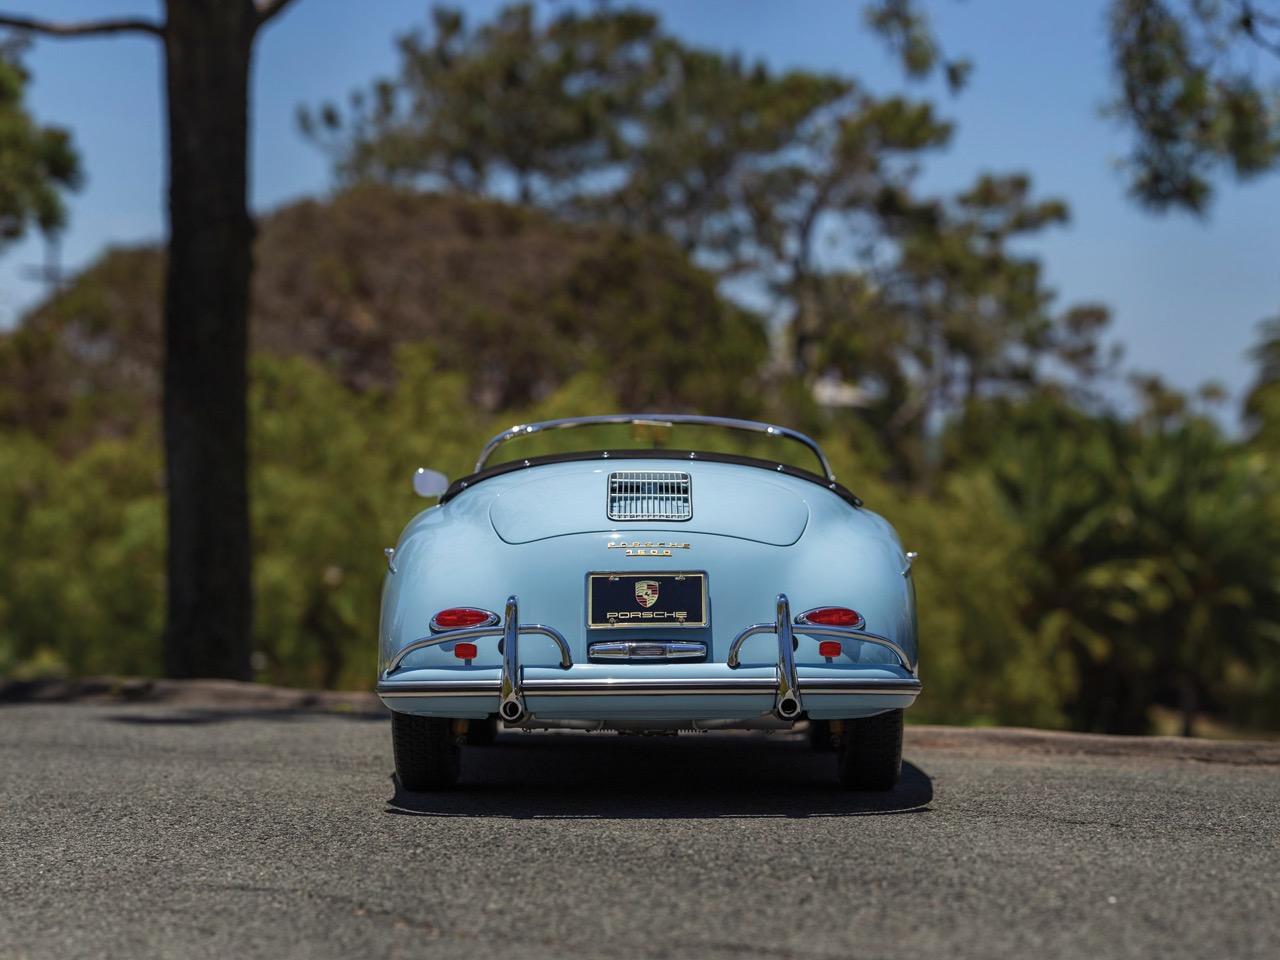 '58 Porsche 356 A 1600 Speedster : Episode 1 ! 31